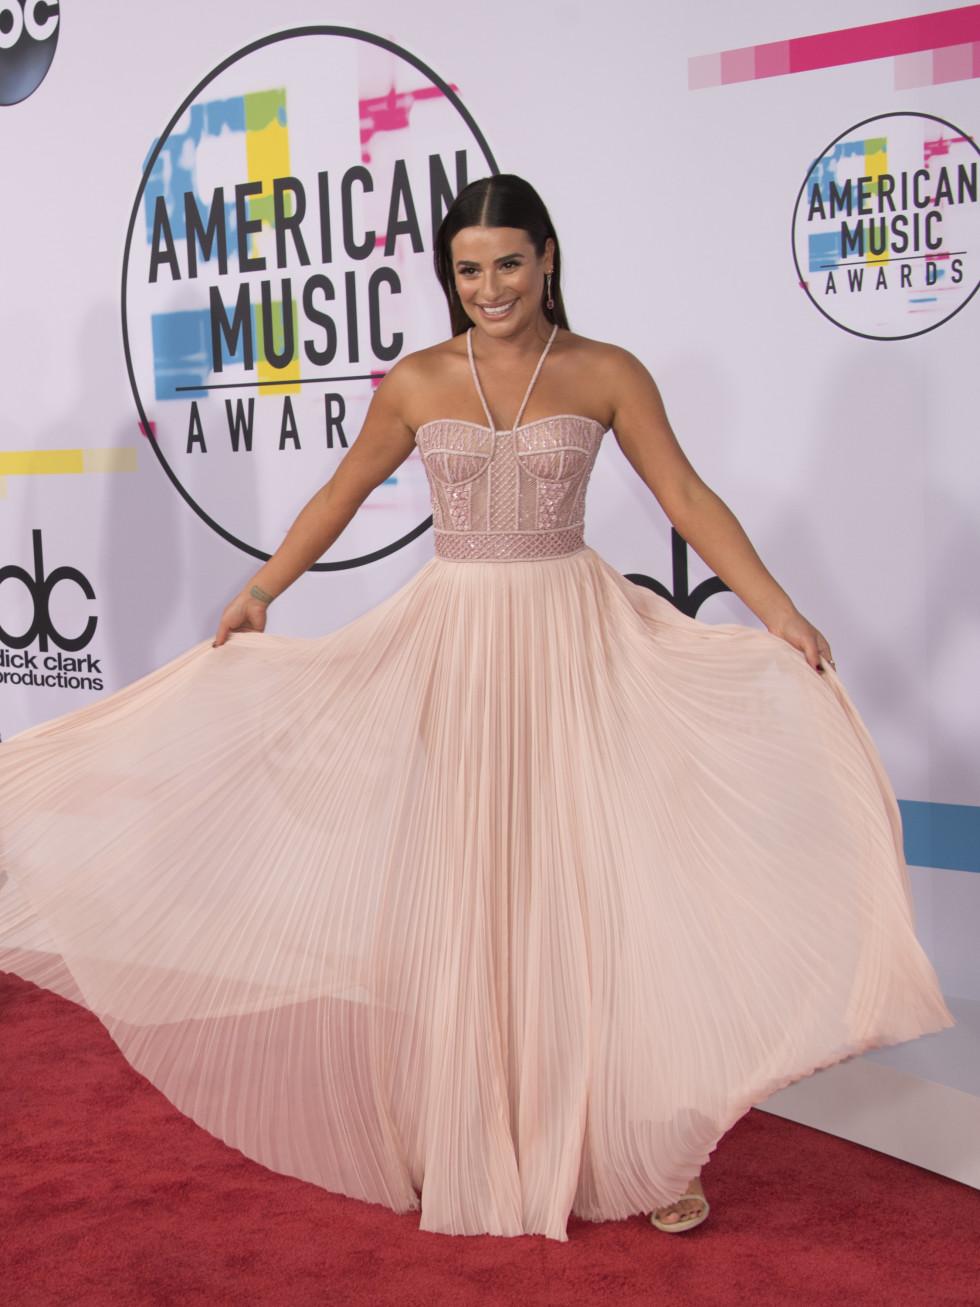 American Music Awards Lea Michelle